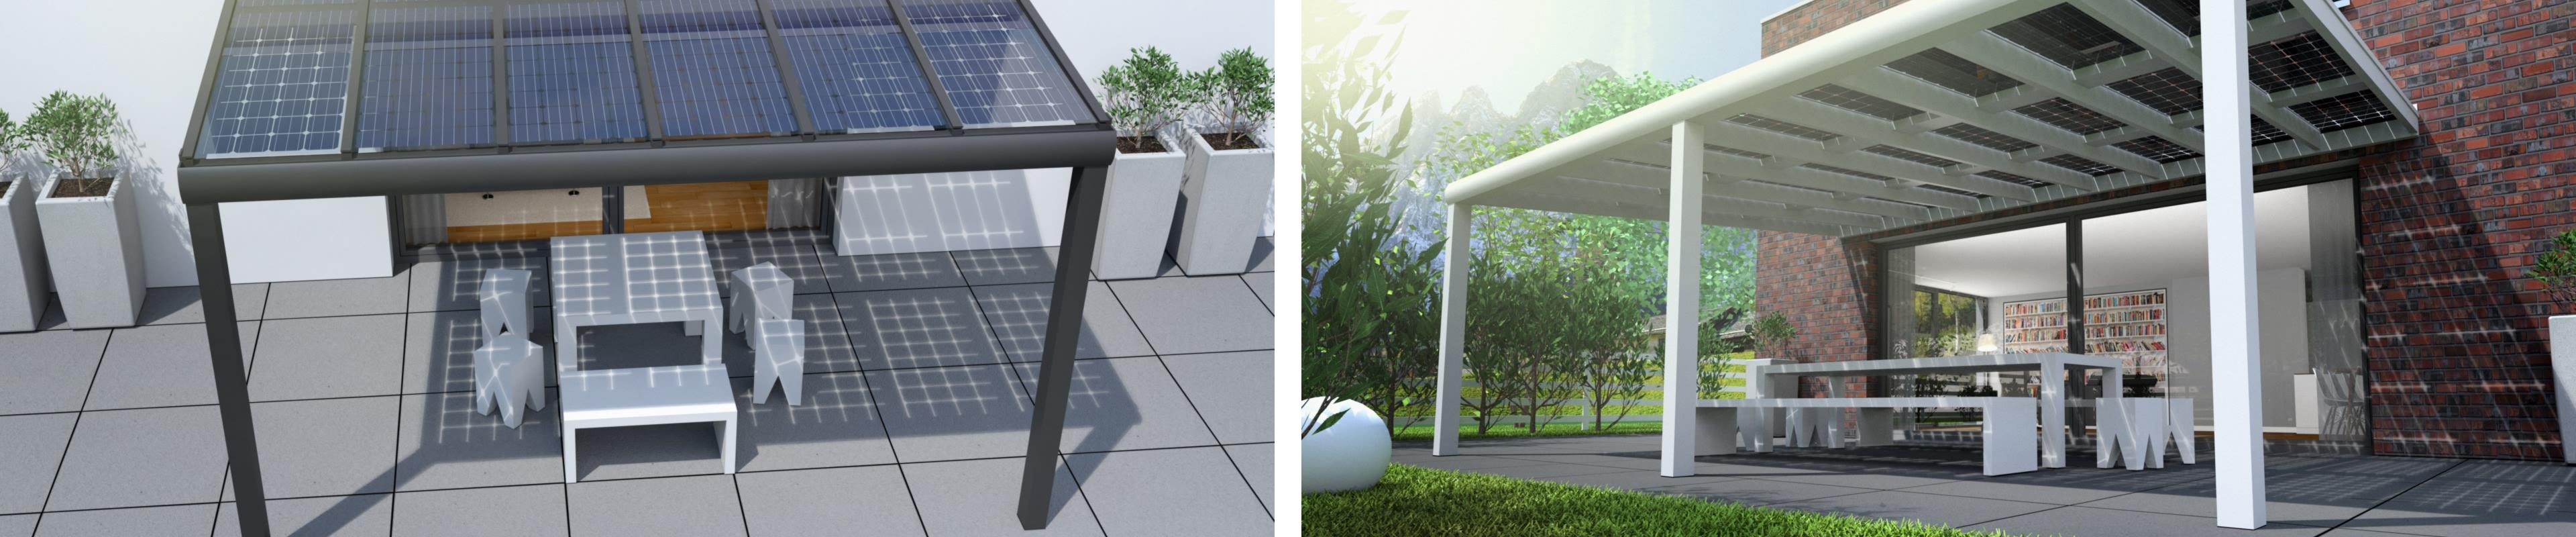 Solar Terrasse solarterrassen ab 0 aus holz alu oder stahl 30 jahre garantie